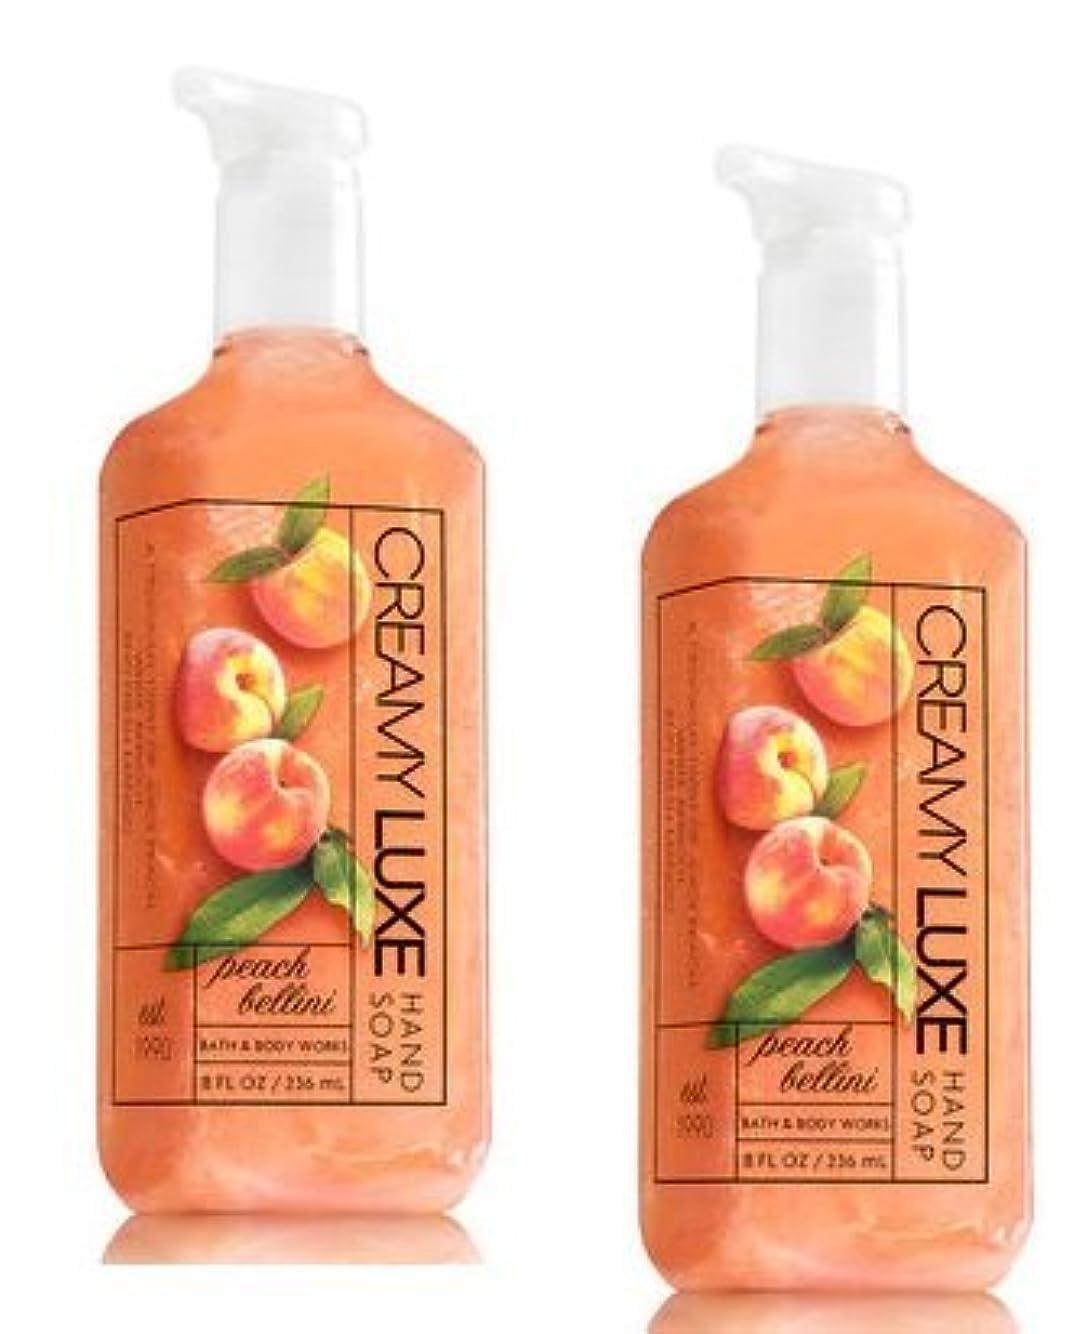 予防接種受取人多様なBath & Body Works ピーチベリーニ クリーミー リュクス ハンドソープ 2本セット PEACH BELLINI Creamy Luxe Hand Soap. 8 oz 236ml [並行輸入品]